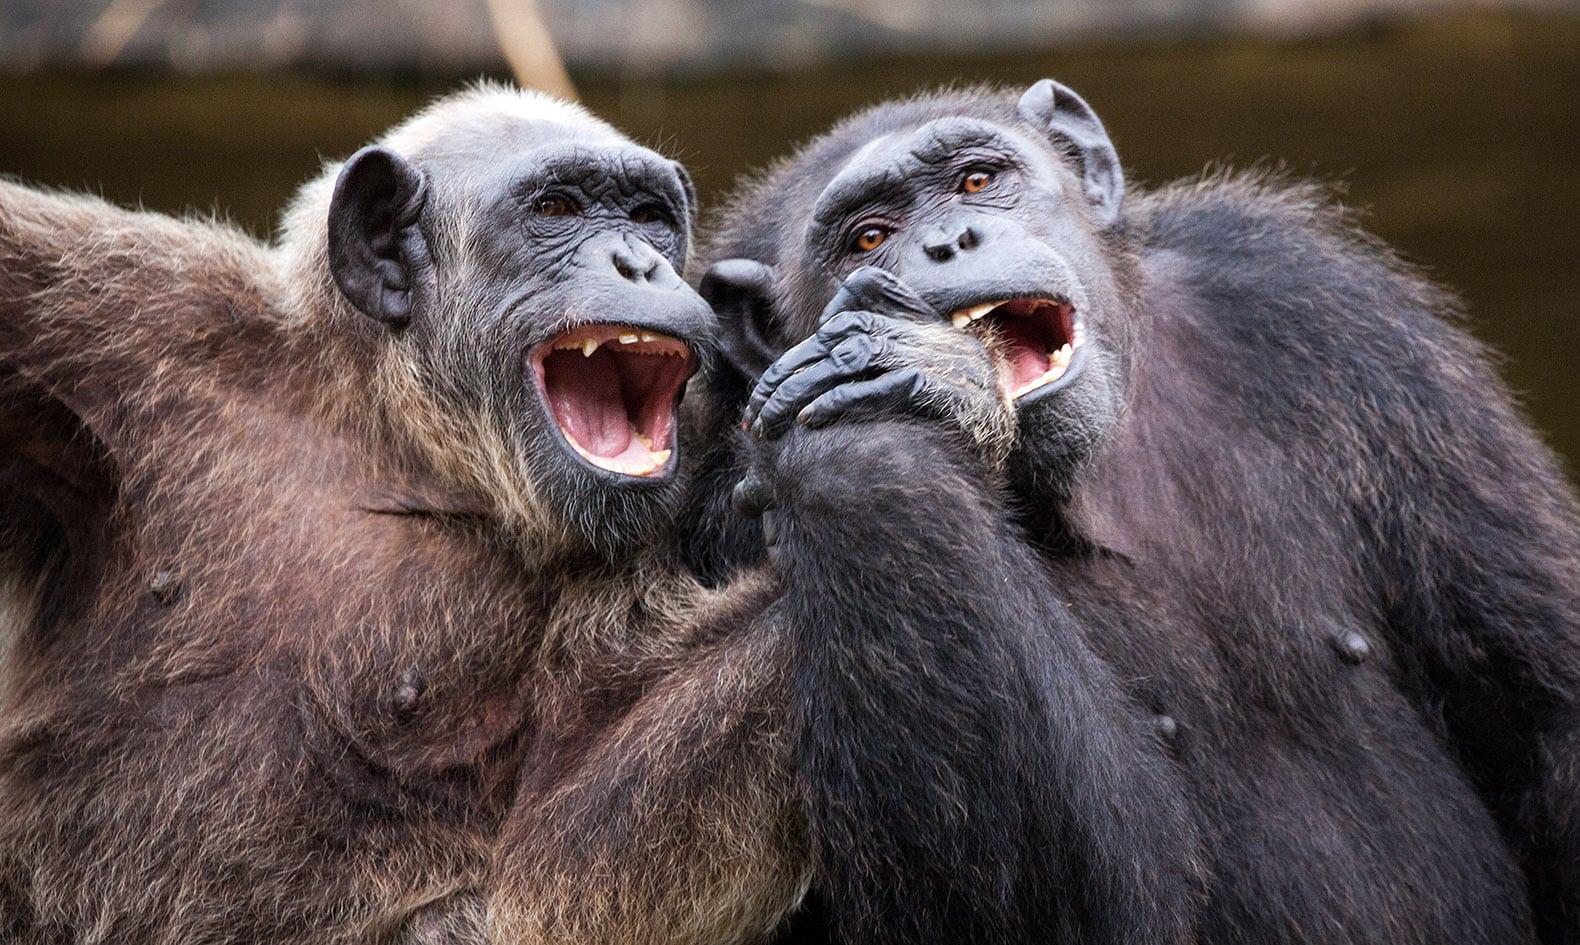 Дружелюбие увеличило продолжительность жизни самцов шимпанзе